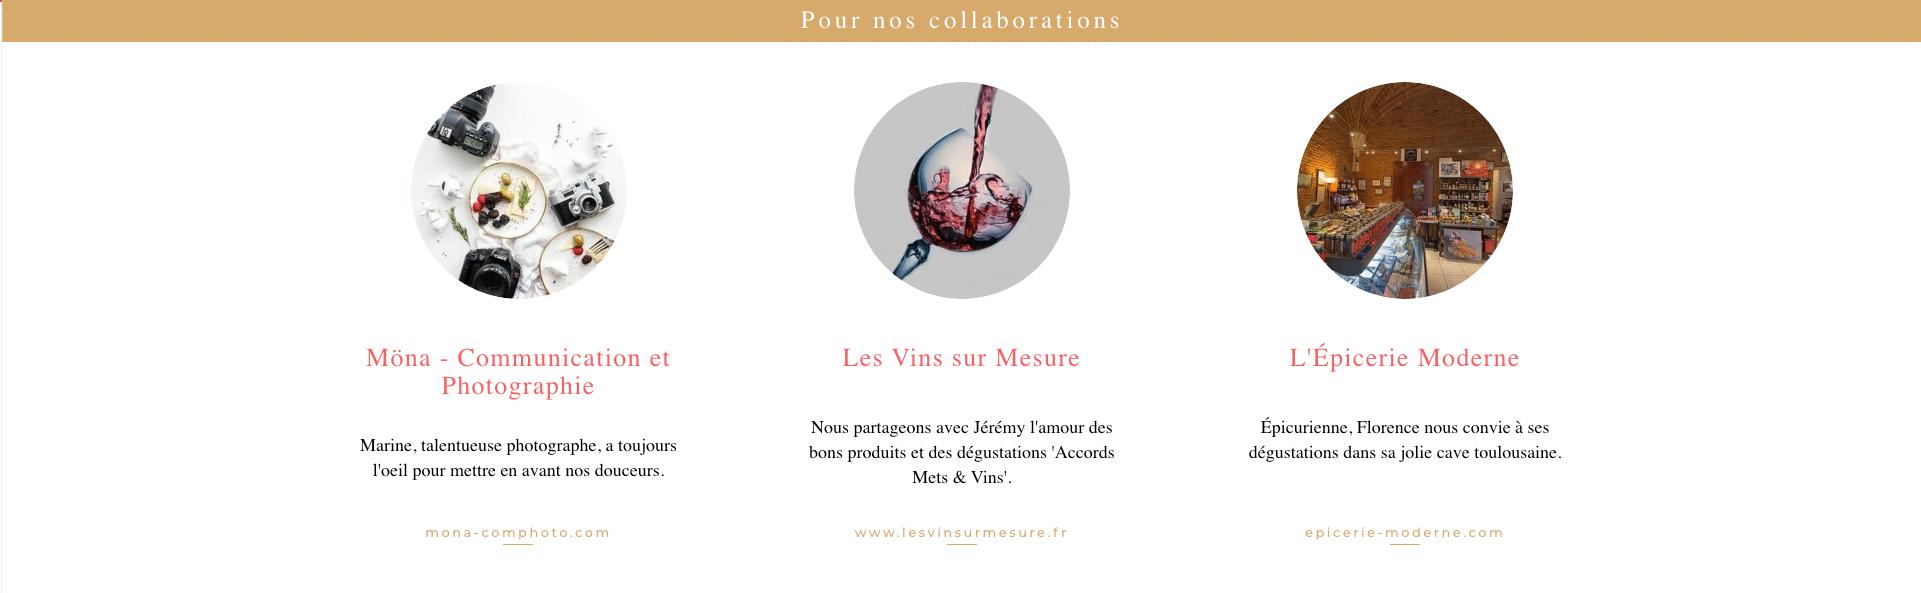 MAGDALA La Pâtisserie - TOULOUSE - Collaborateurs